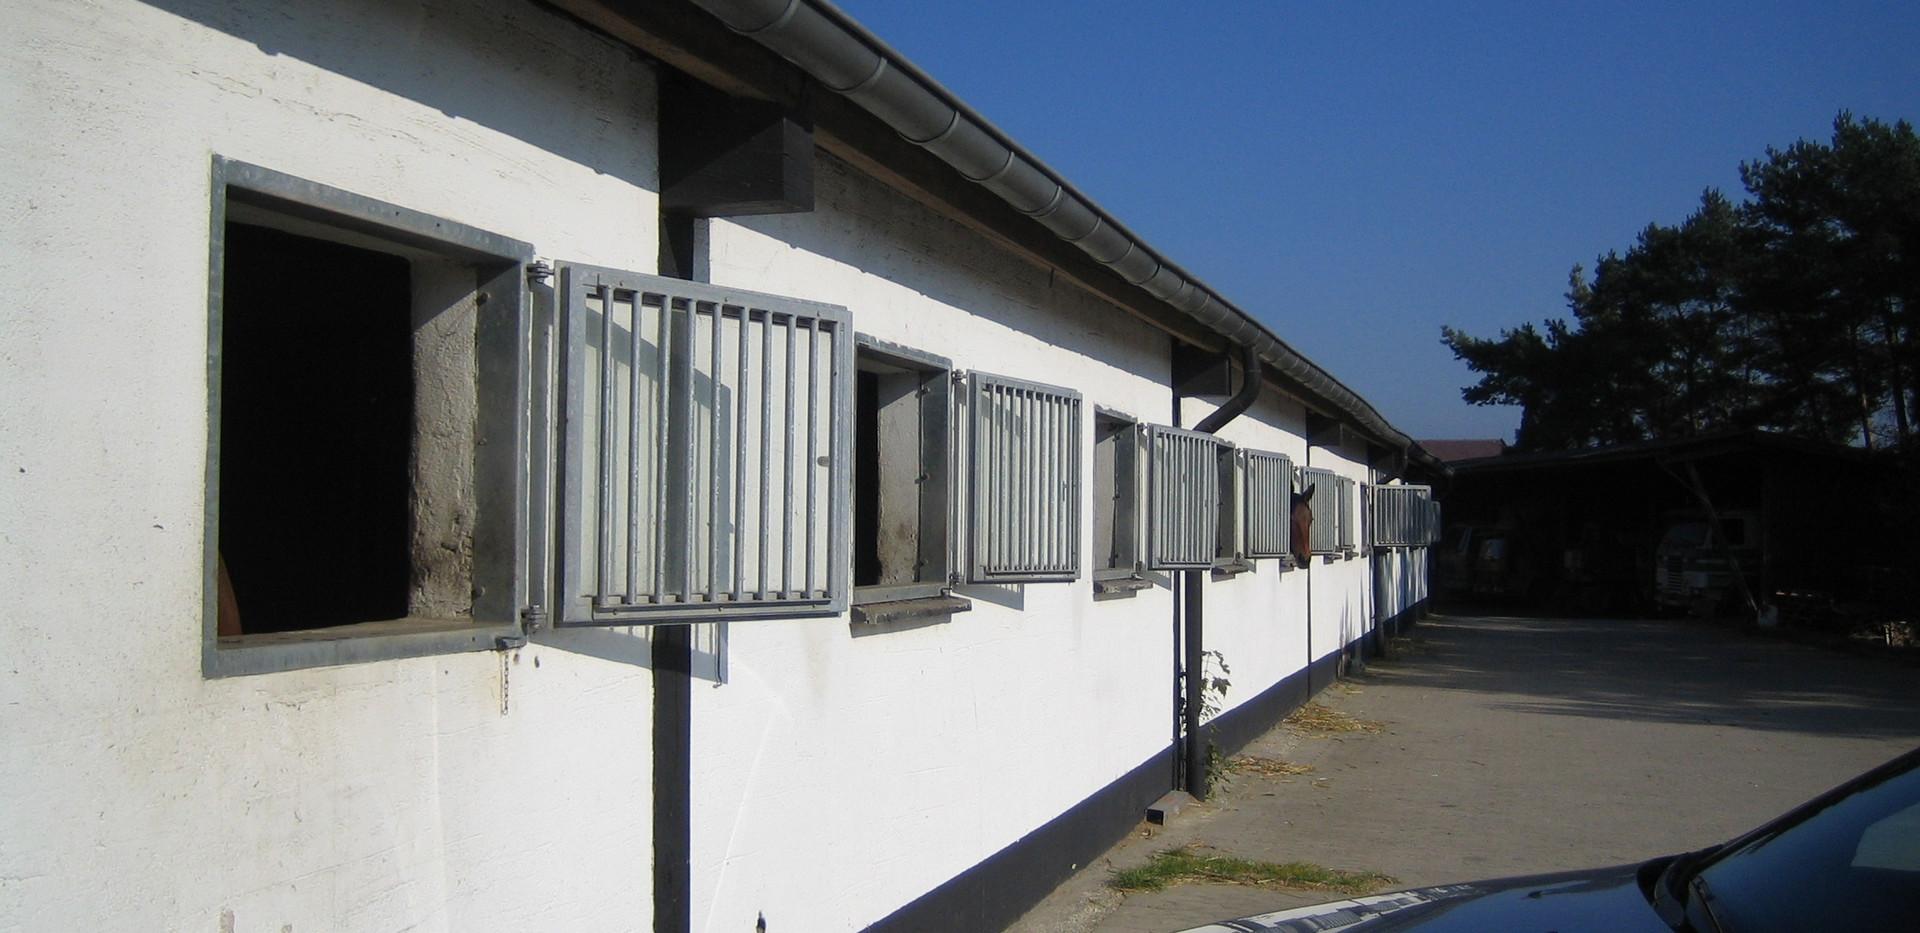 Fensterboxen an der alten Halle